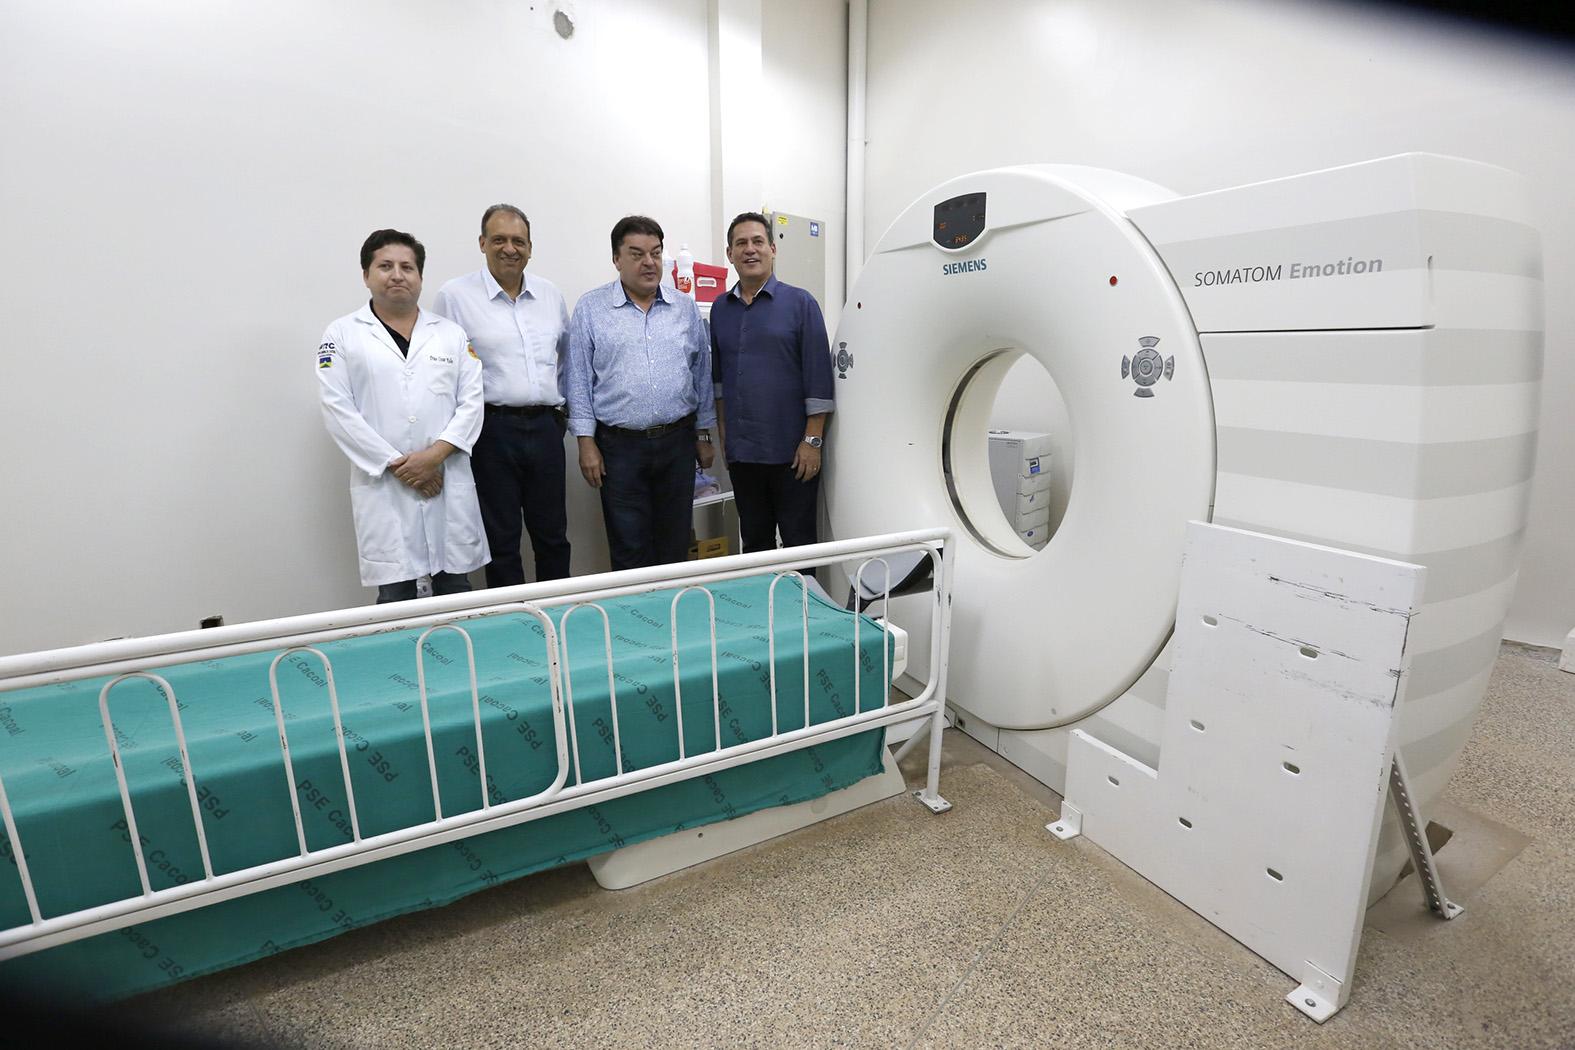 maurao-prestigia-entrega-de-aparelho-de-ressonancia-magnetica-no-hospital-regional-de-cacoal.jpg